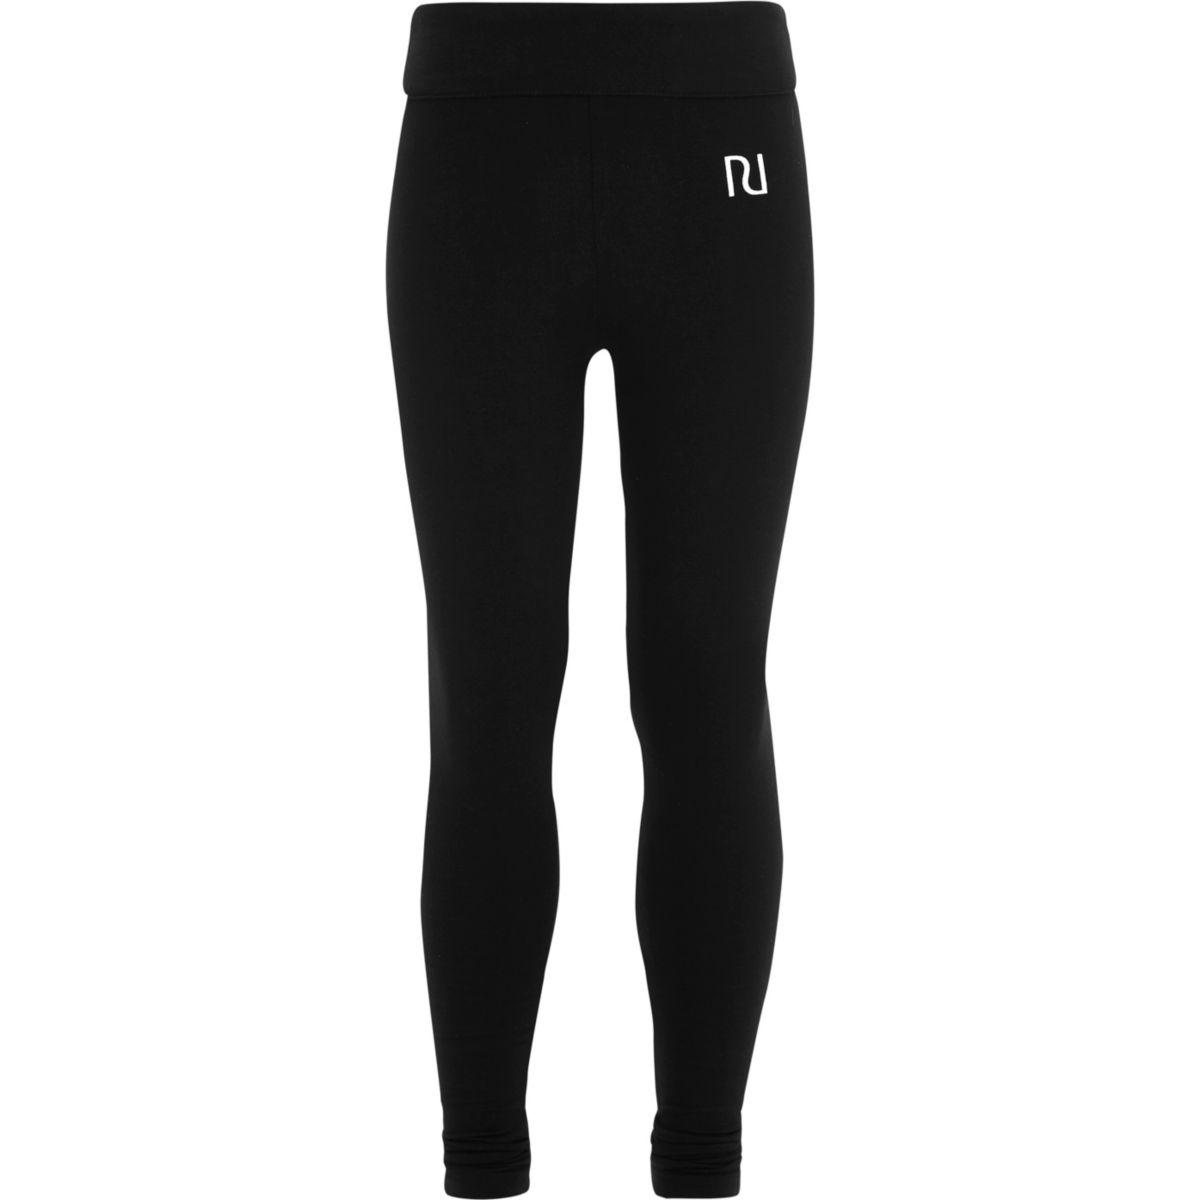 Girls black folded RI waistband leggings